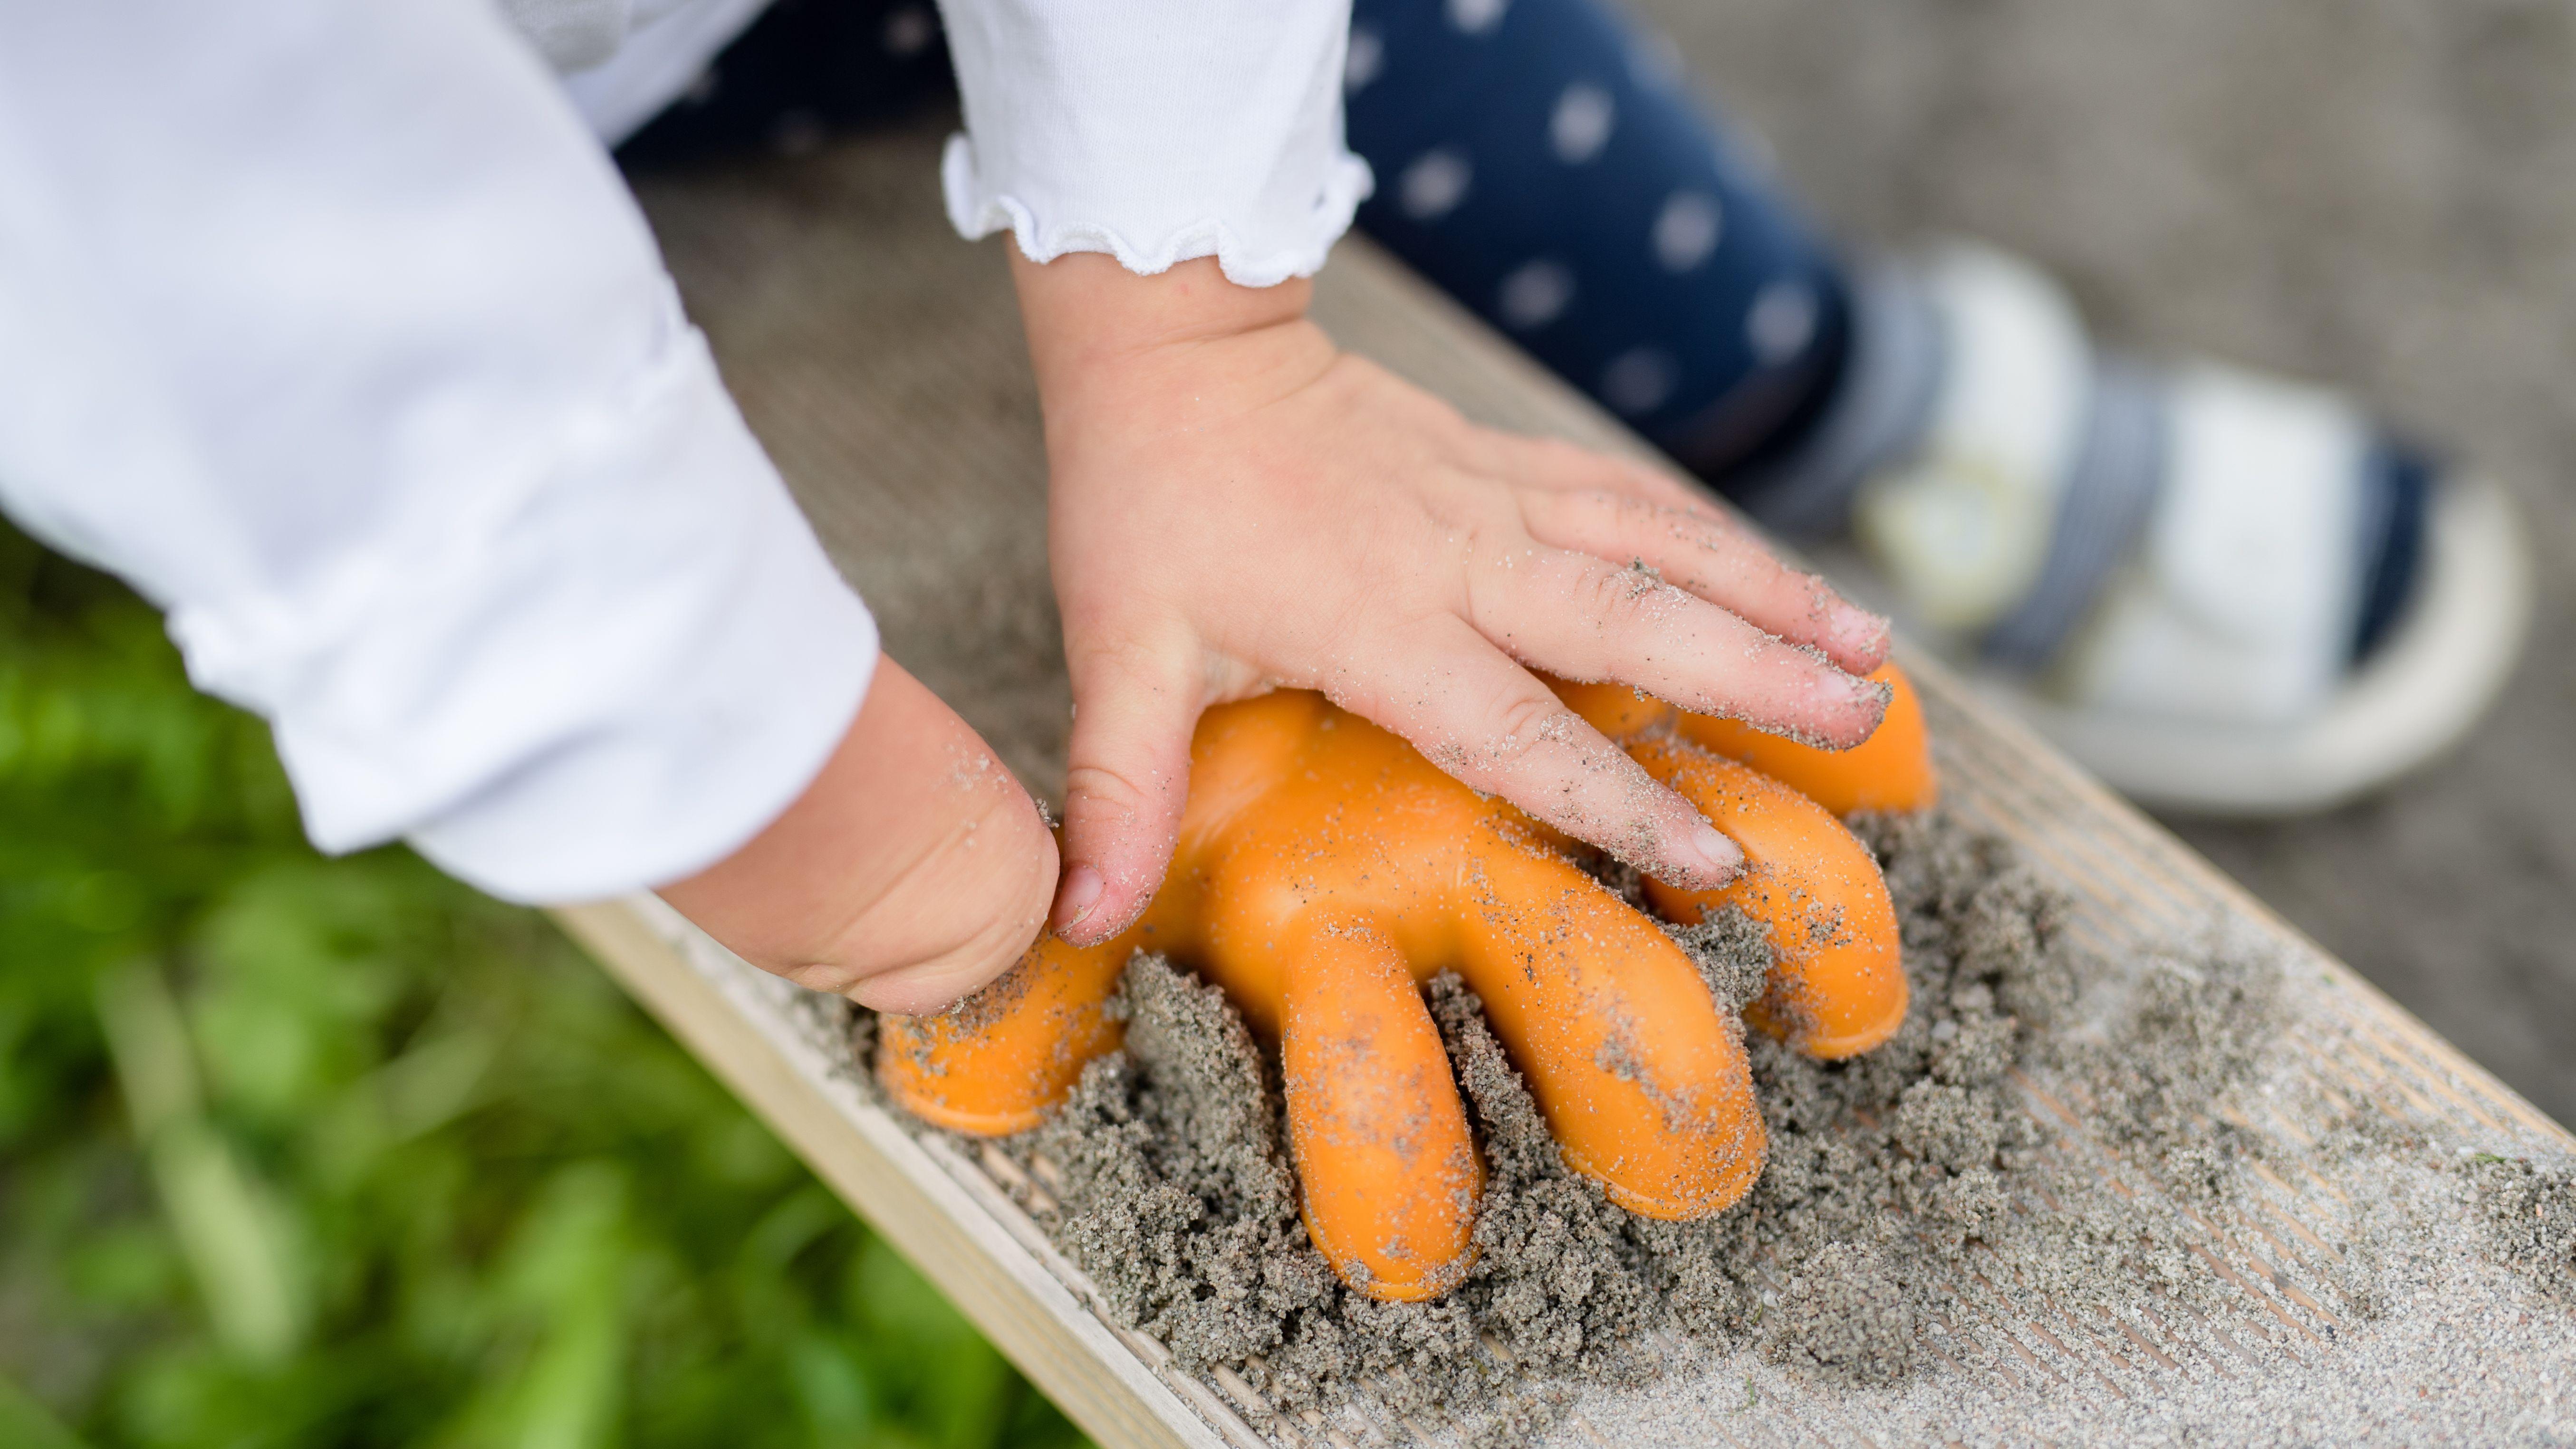 Bayern, Valley: Ein etwa 22 Monate altes Mädchen, das mit nur einer Hand zur Welt gekommen ist, spielt mit einer Sandkastenform. In den vergangenen Monaten war es an einer Klinik in Nordrhein-Westfalen zu einer Häufung von Fehlbildungen der Hände bei Neugeborenen gekommen.